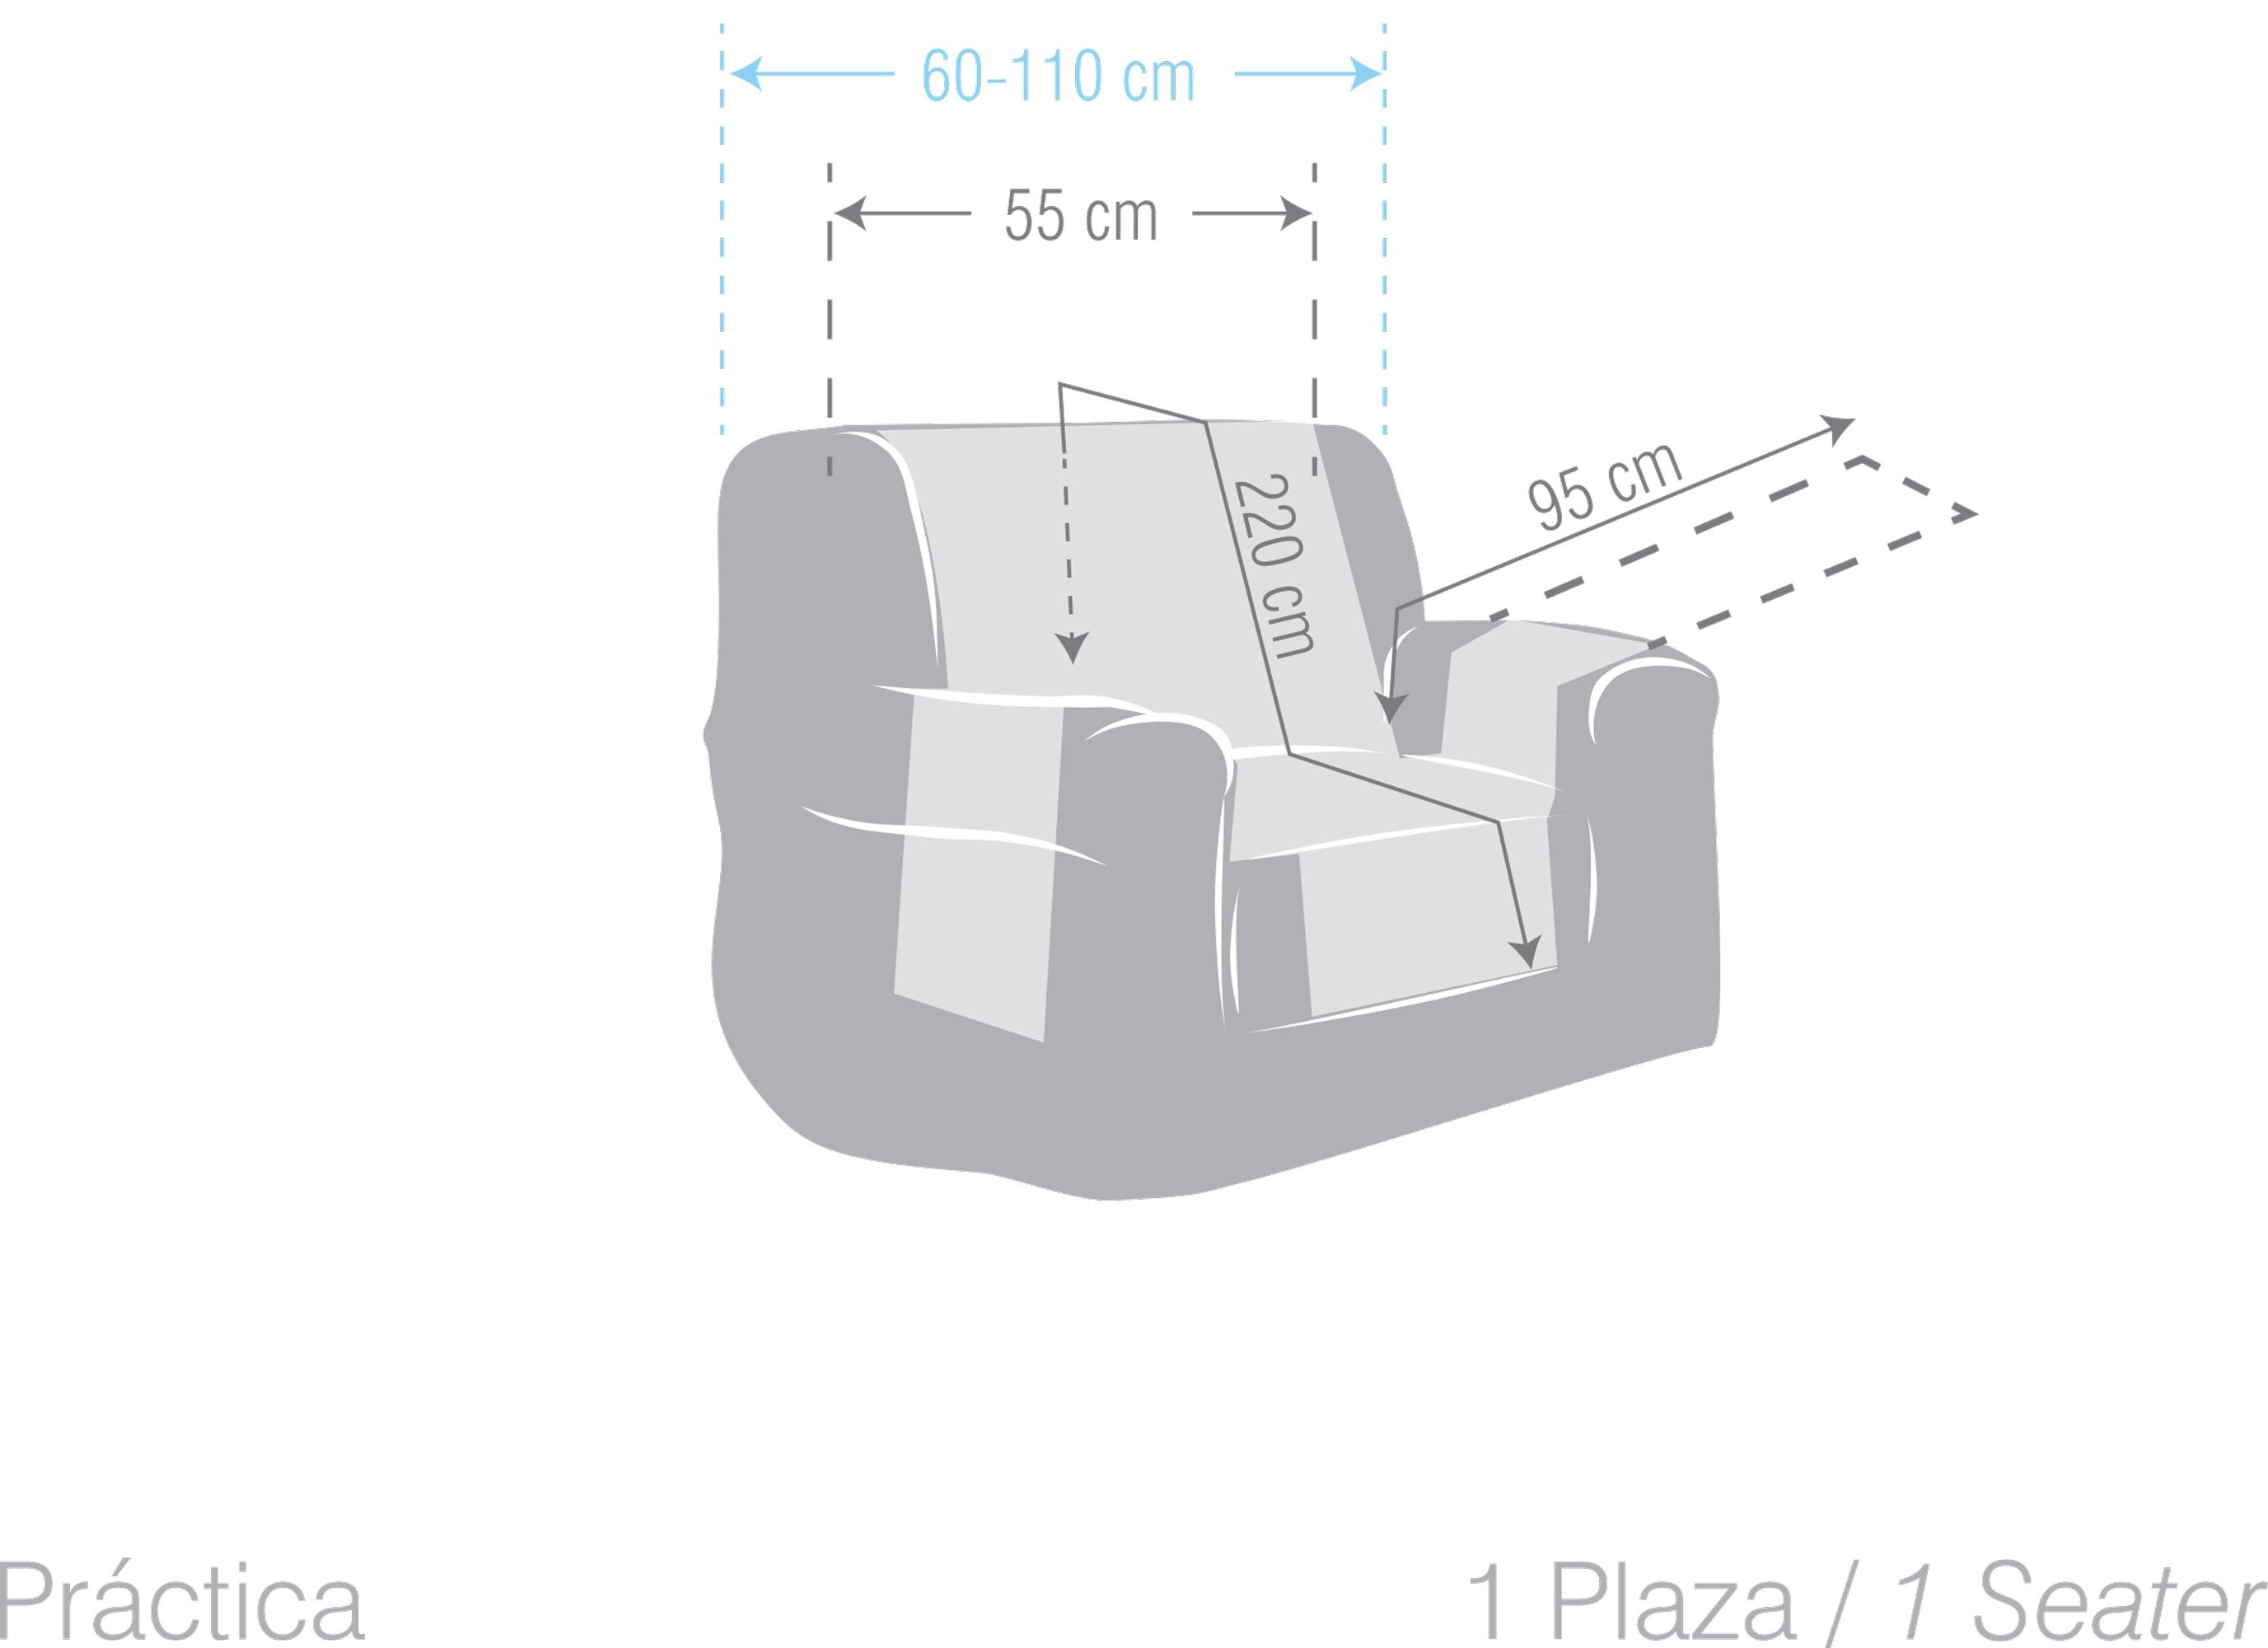 medidas-funda-cubre-sofa-practica-mid-1-